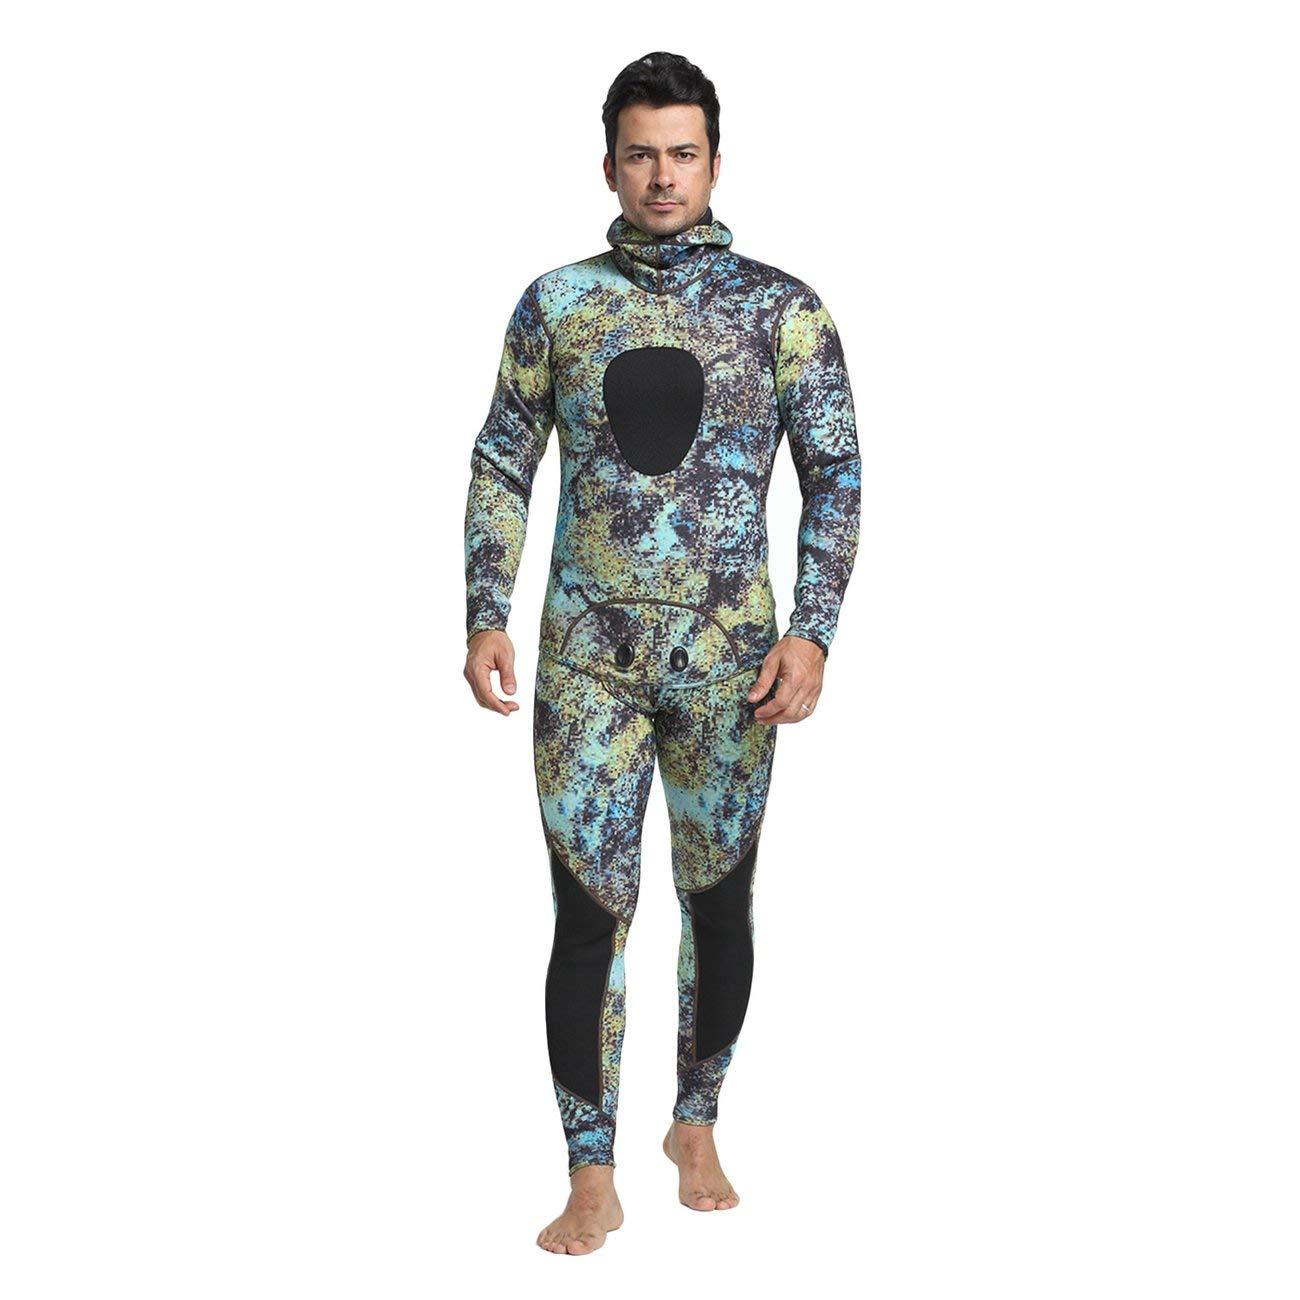 LasVogos 2 piezas de Hombres buceo Con Traje de neopreno de 3 mm de Pesca submarina de Traje de Surf Traje de baño del tubo respirador